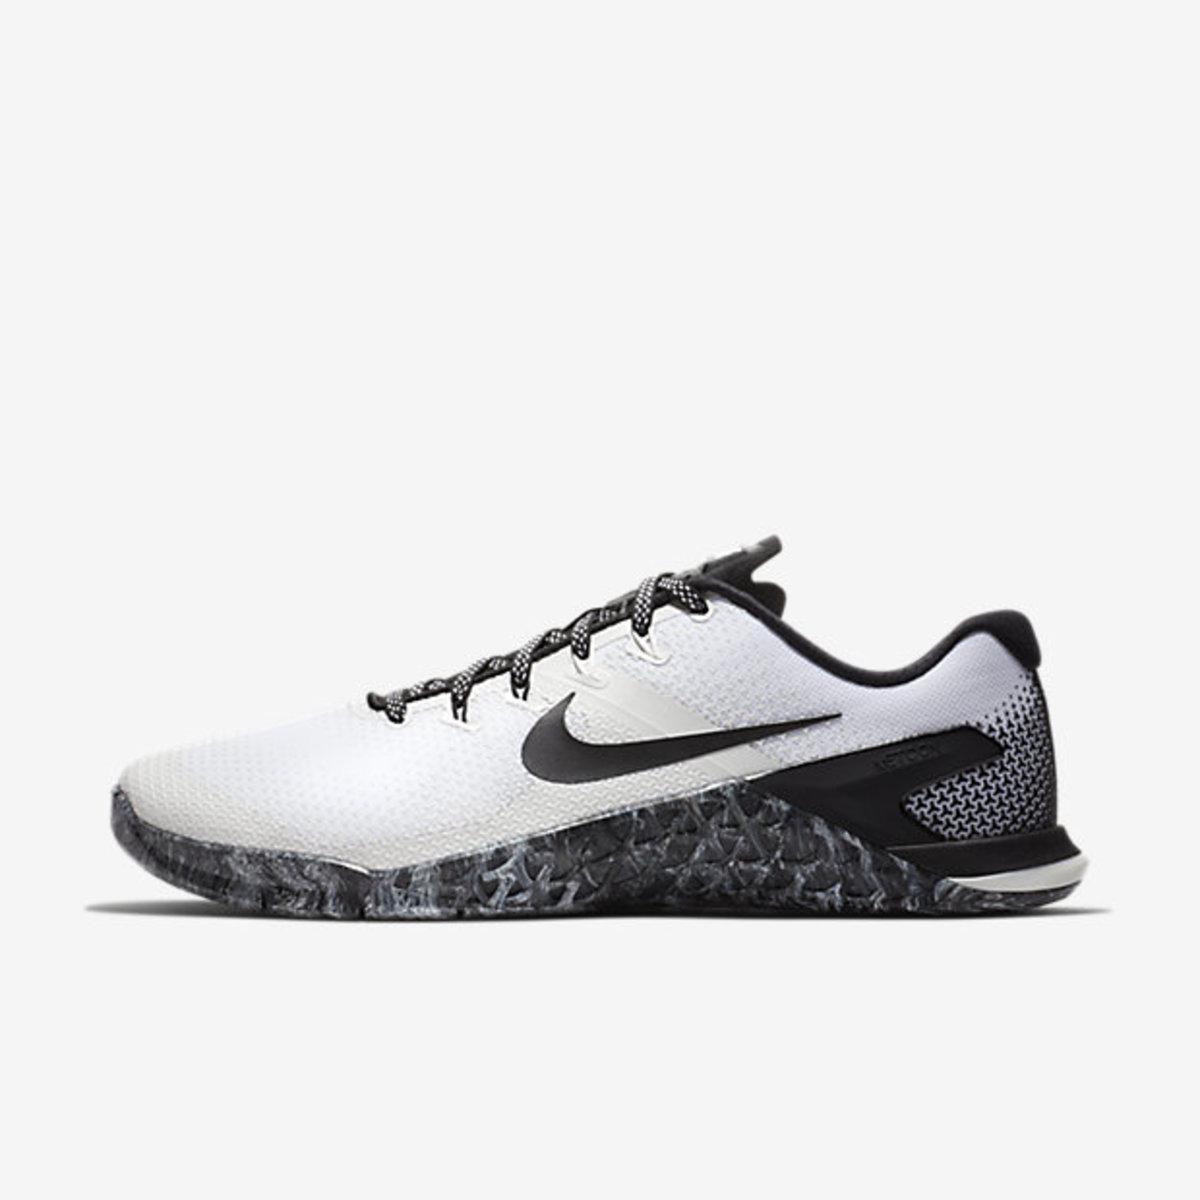 Nike Metcon 4- $130